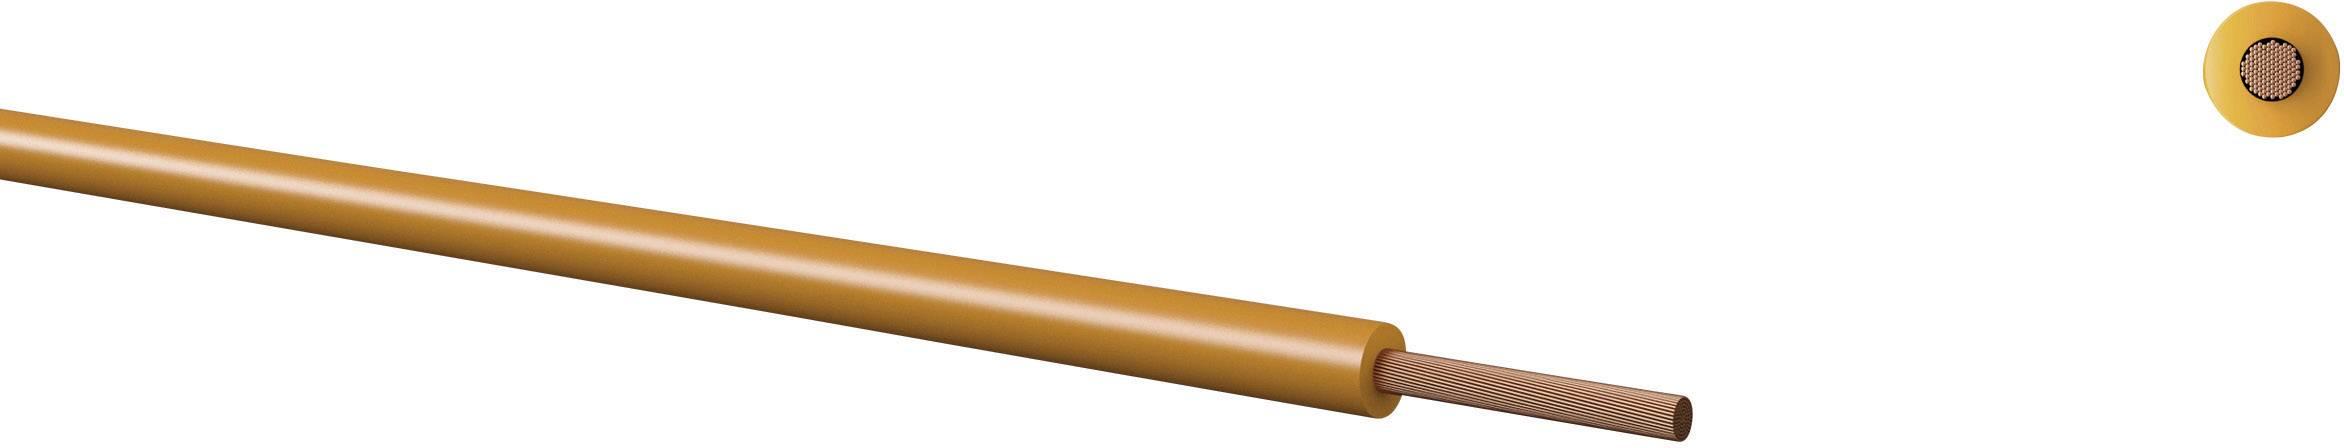 Opletenie / lanko Kabeltronik 160125009 LiFY, 1 x 2.50 mm², vonkajší Ø 3.80 mm, metrový tovar, čierna